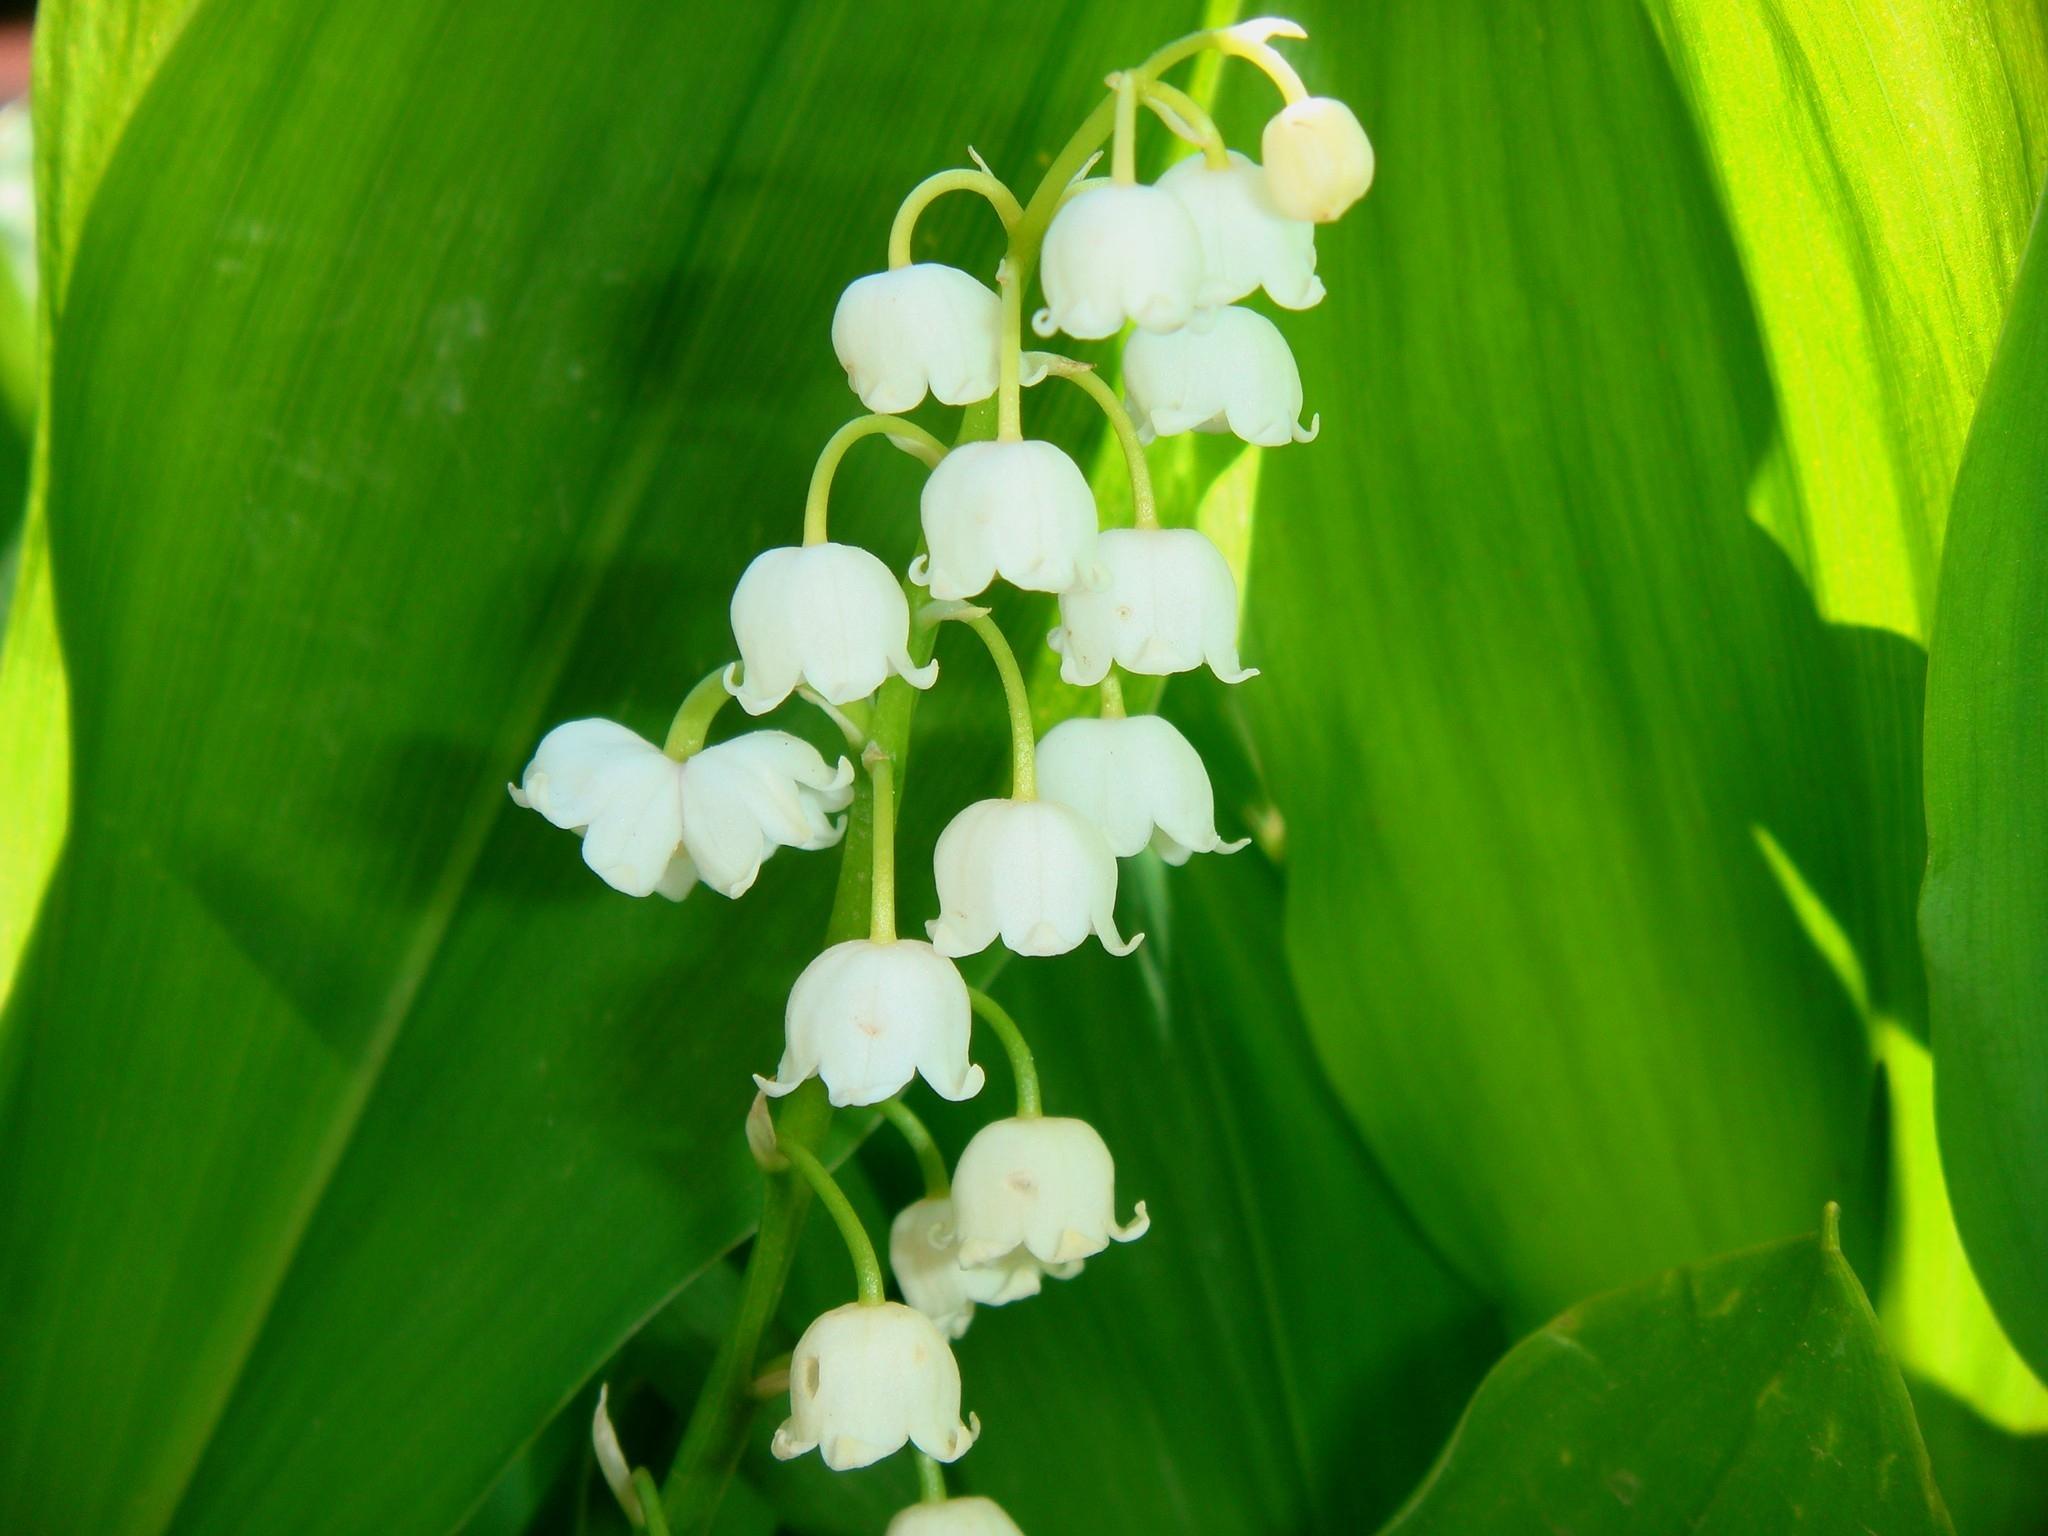 Hoa lan chuông trắng nằm giữa tán lá xanh